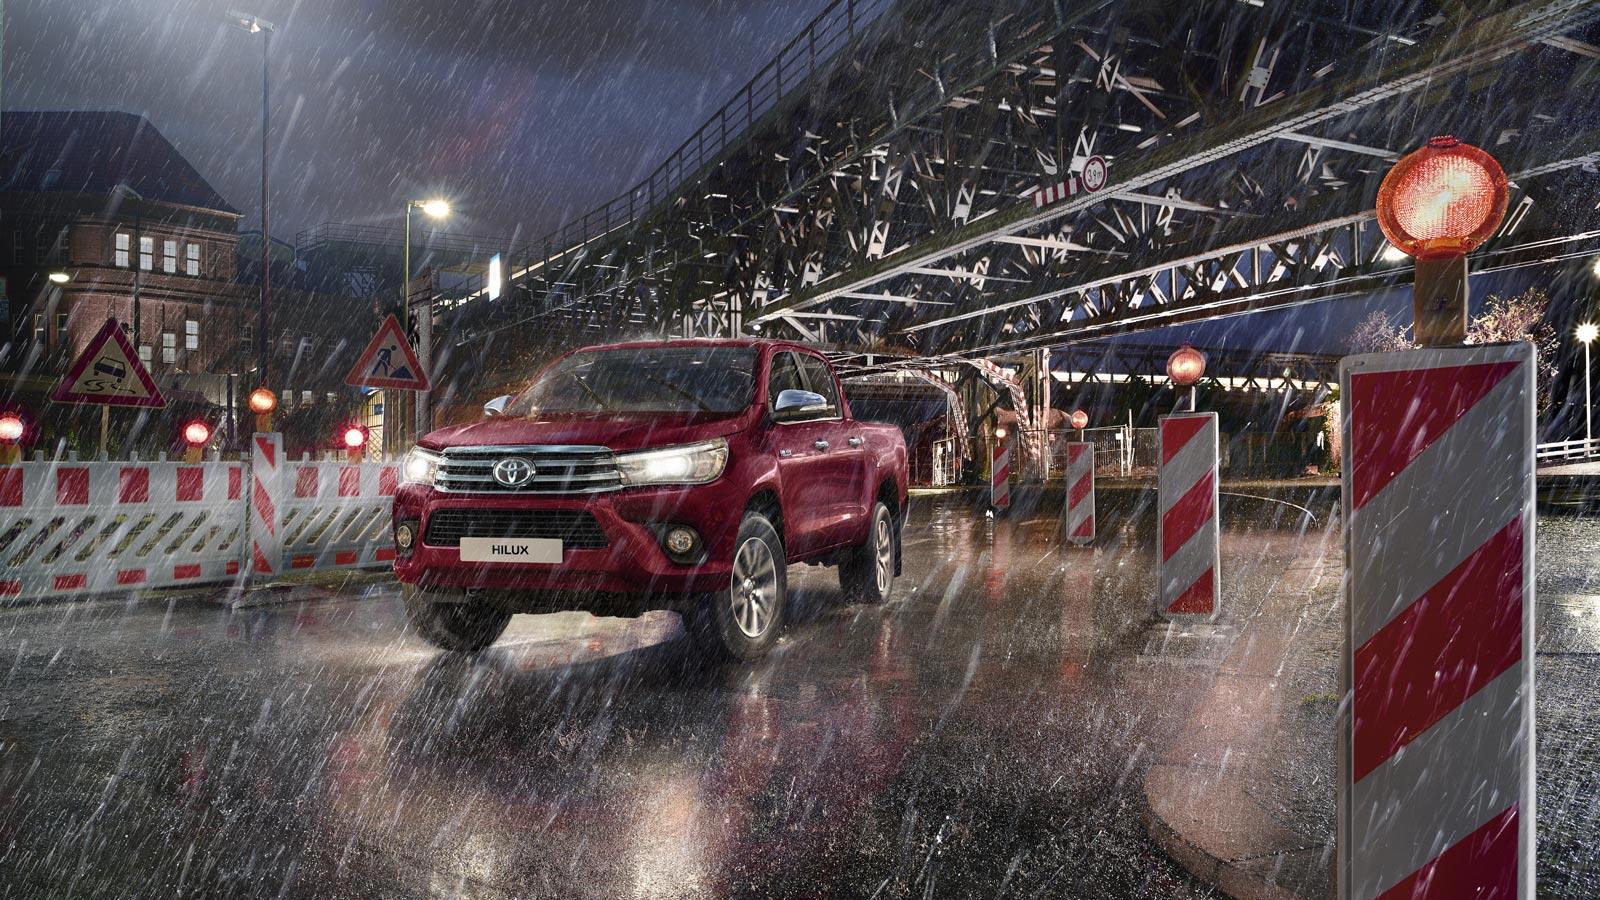 Đánh giá xe bán tải Toyota Hilux phiên bản mới ảnh 27 - Hilux 2020: giá xe và khuyến mãi cập nhật tháng [hienthithang]